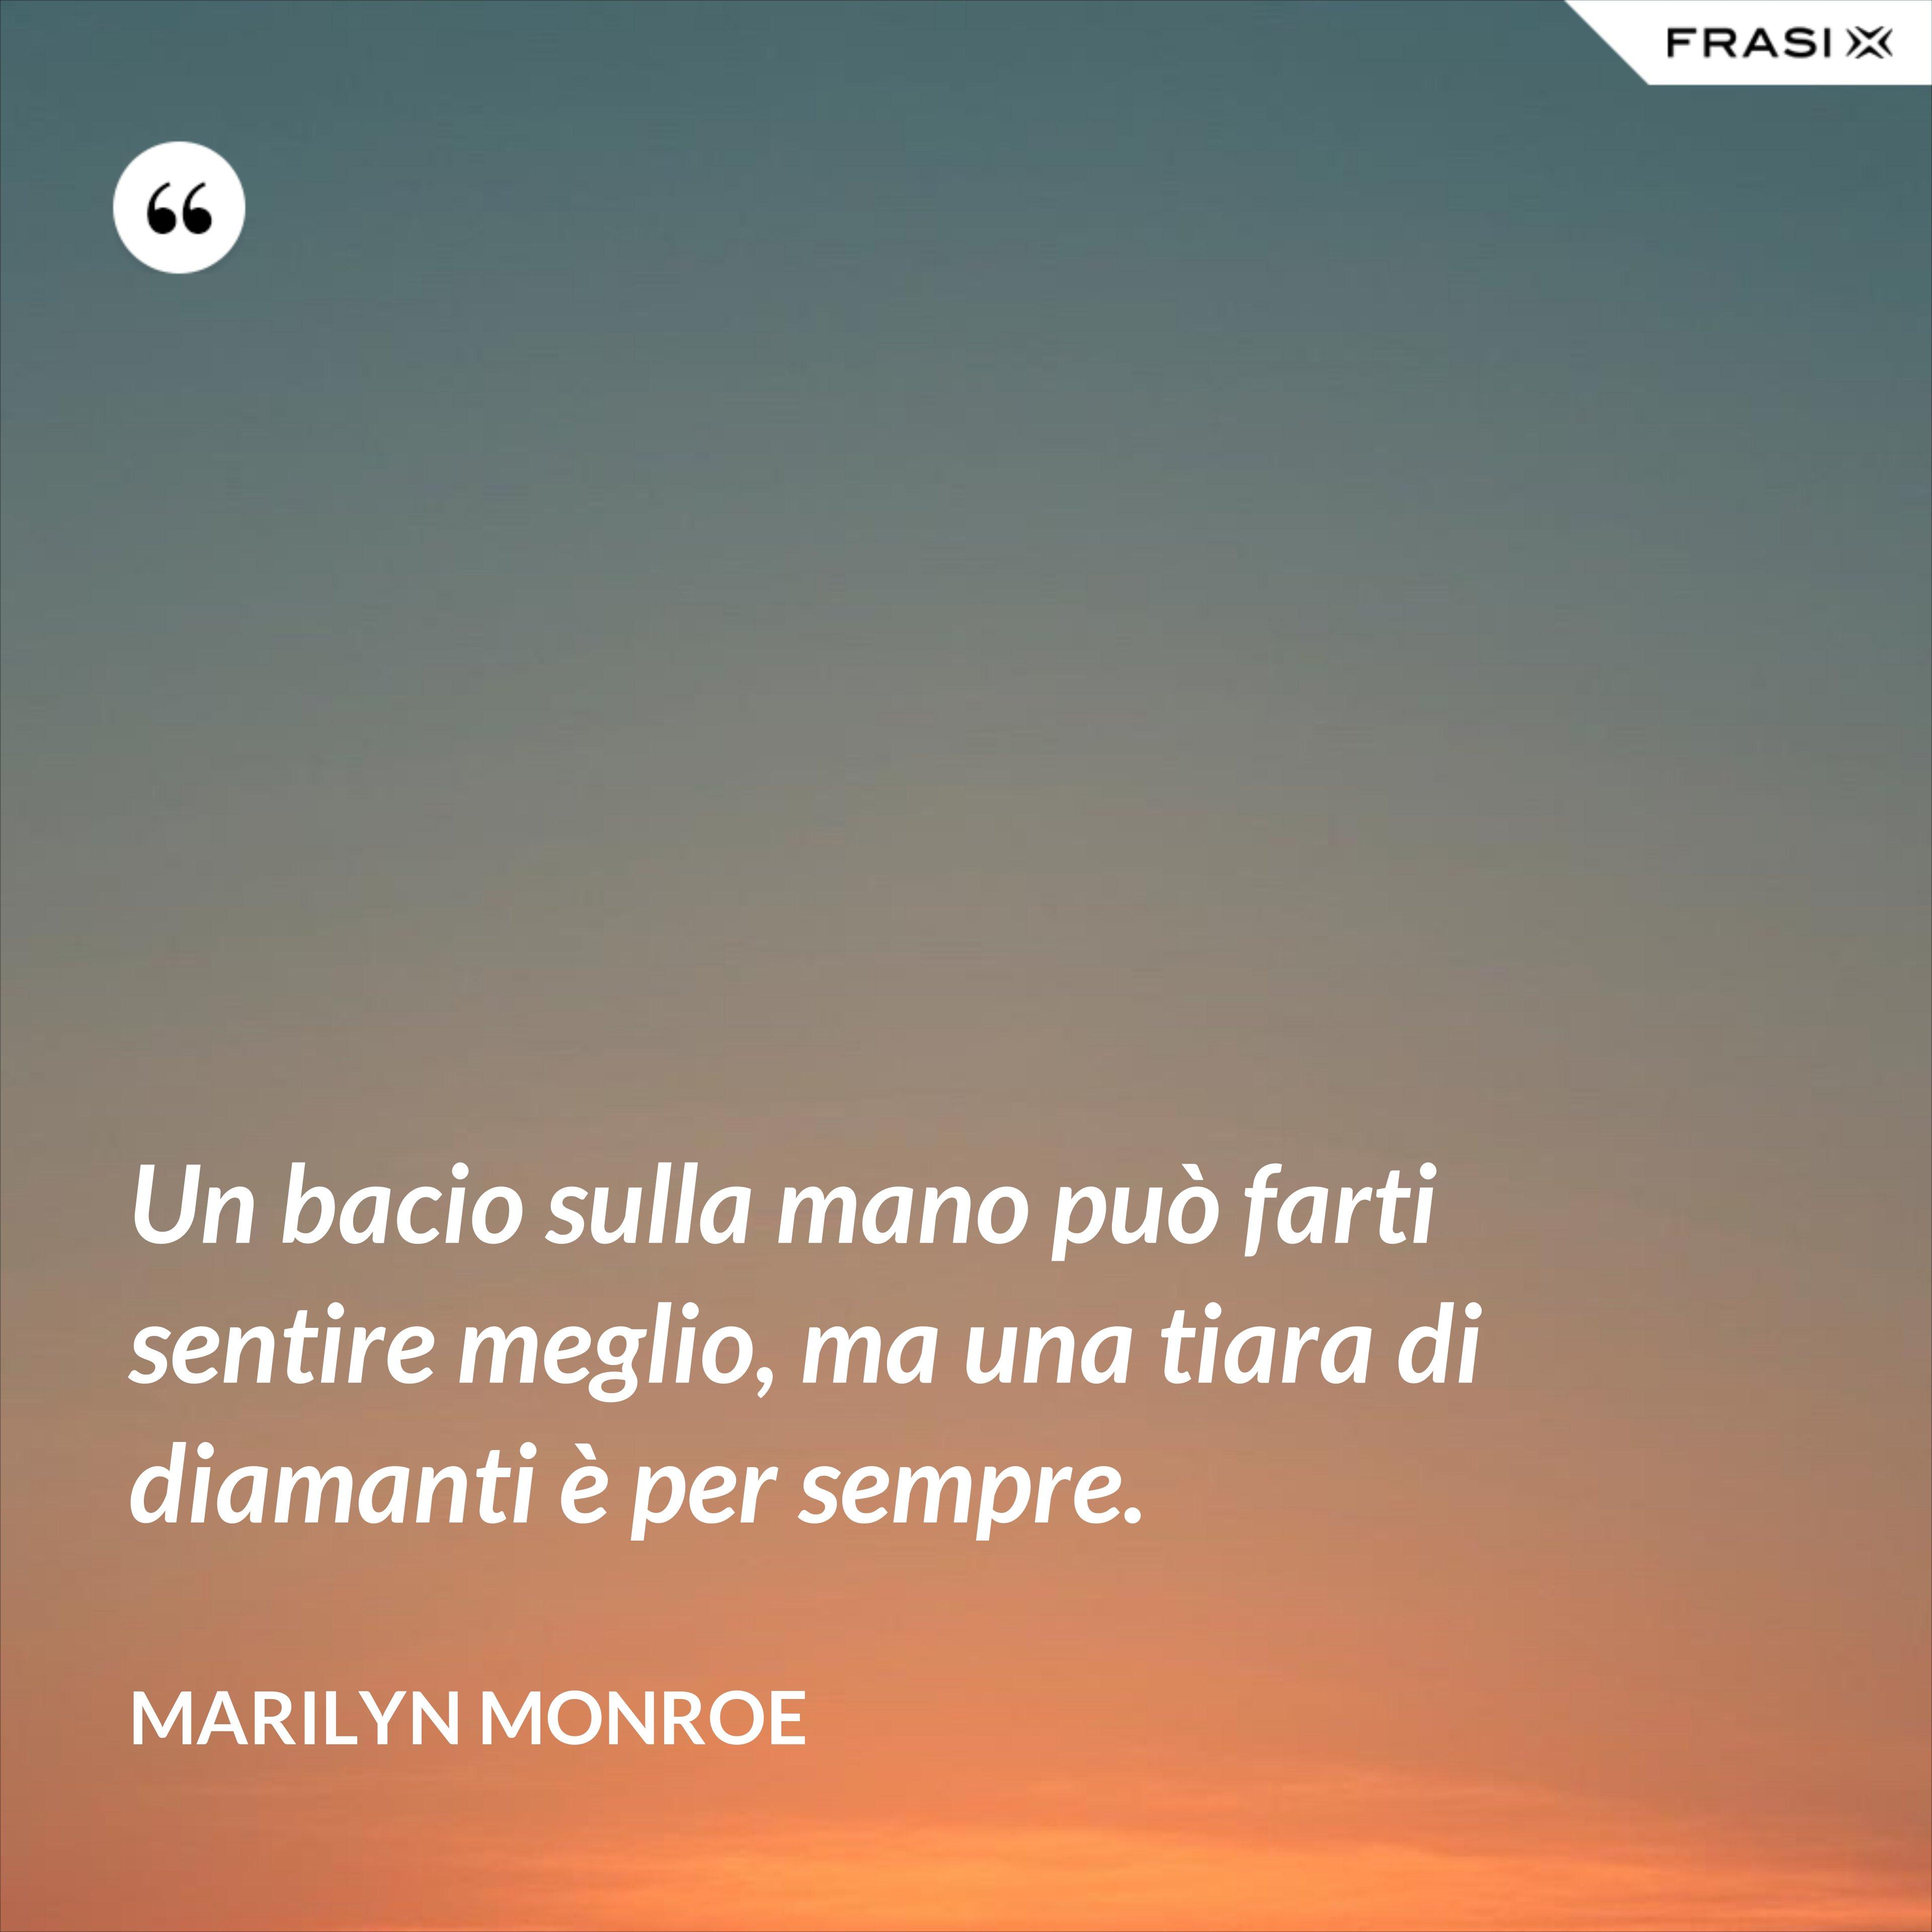 Un bacio sulla mano può farti sentire meglio, ma una tiara di diamanti è per sempre. - Marilyn Monroe